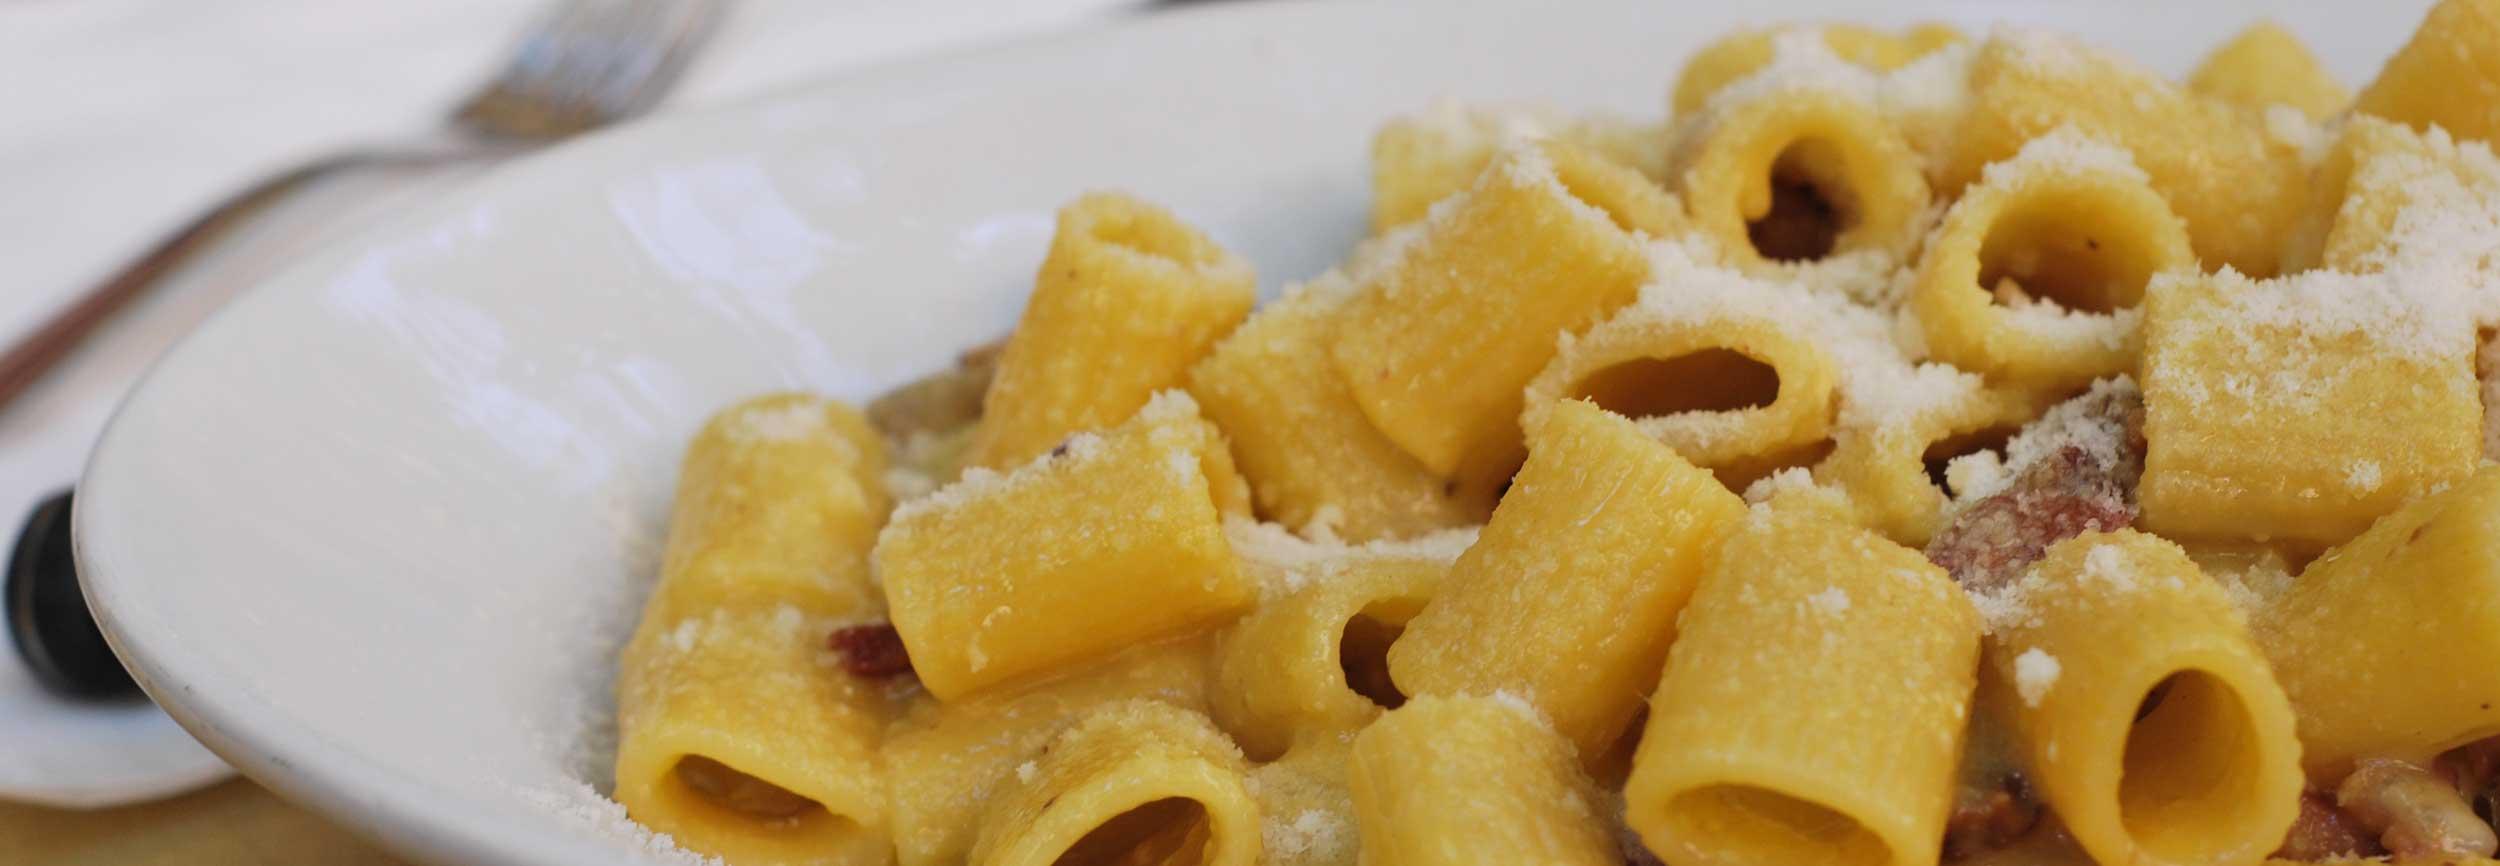 Primi piatti romani pro loco di roma pro loco di roma for Roma piatti tipici